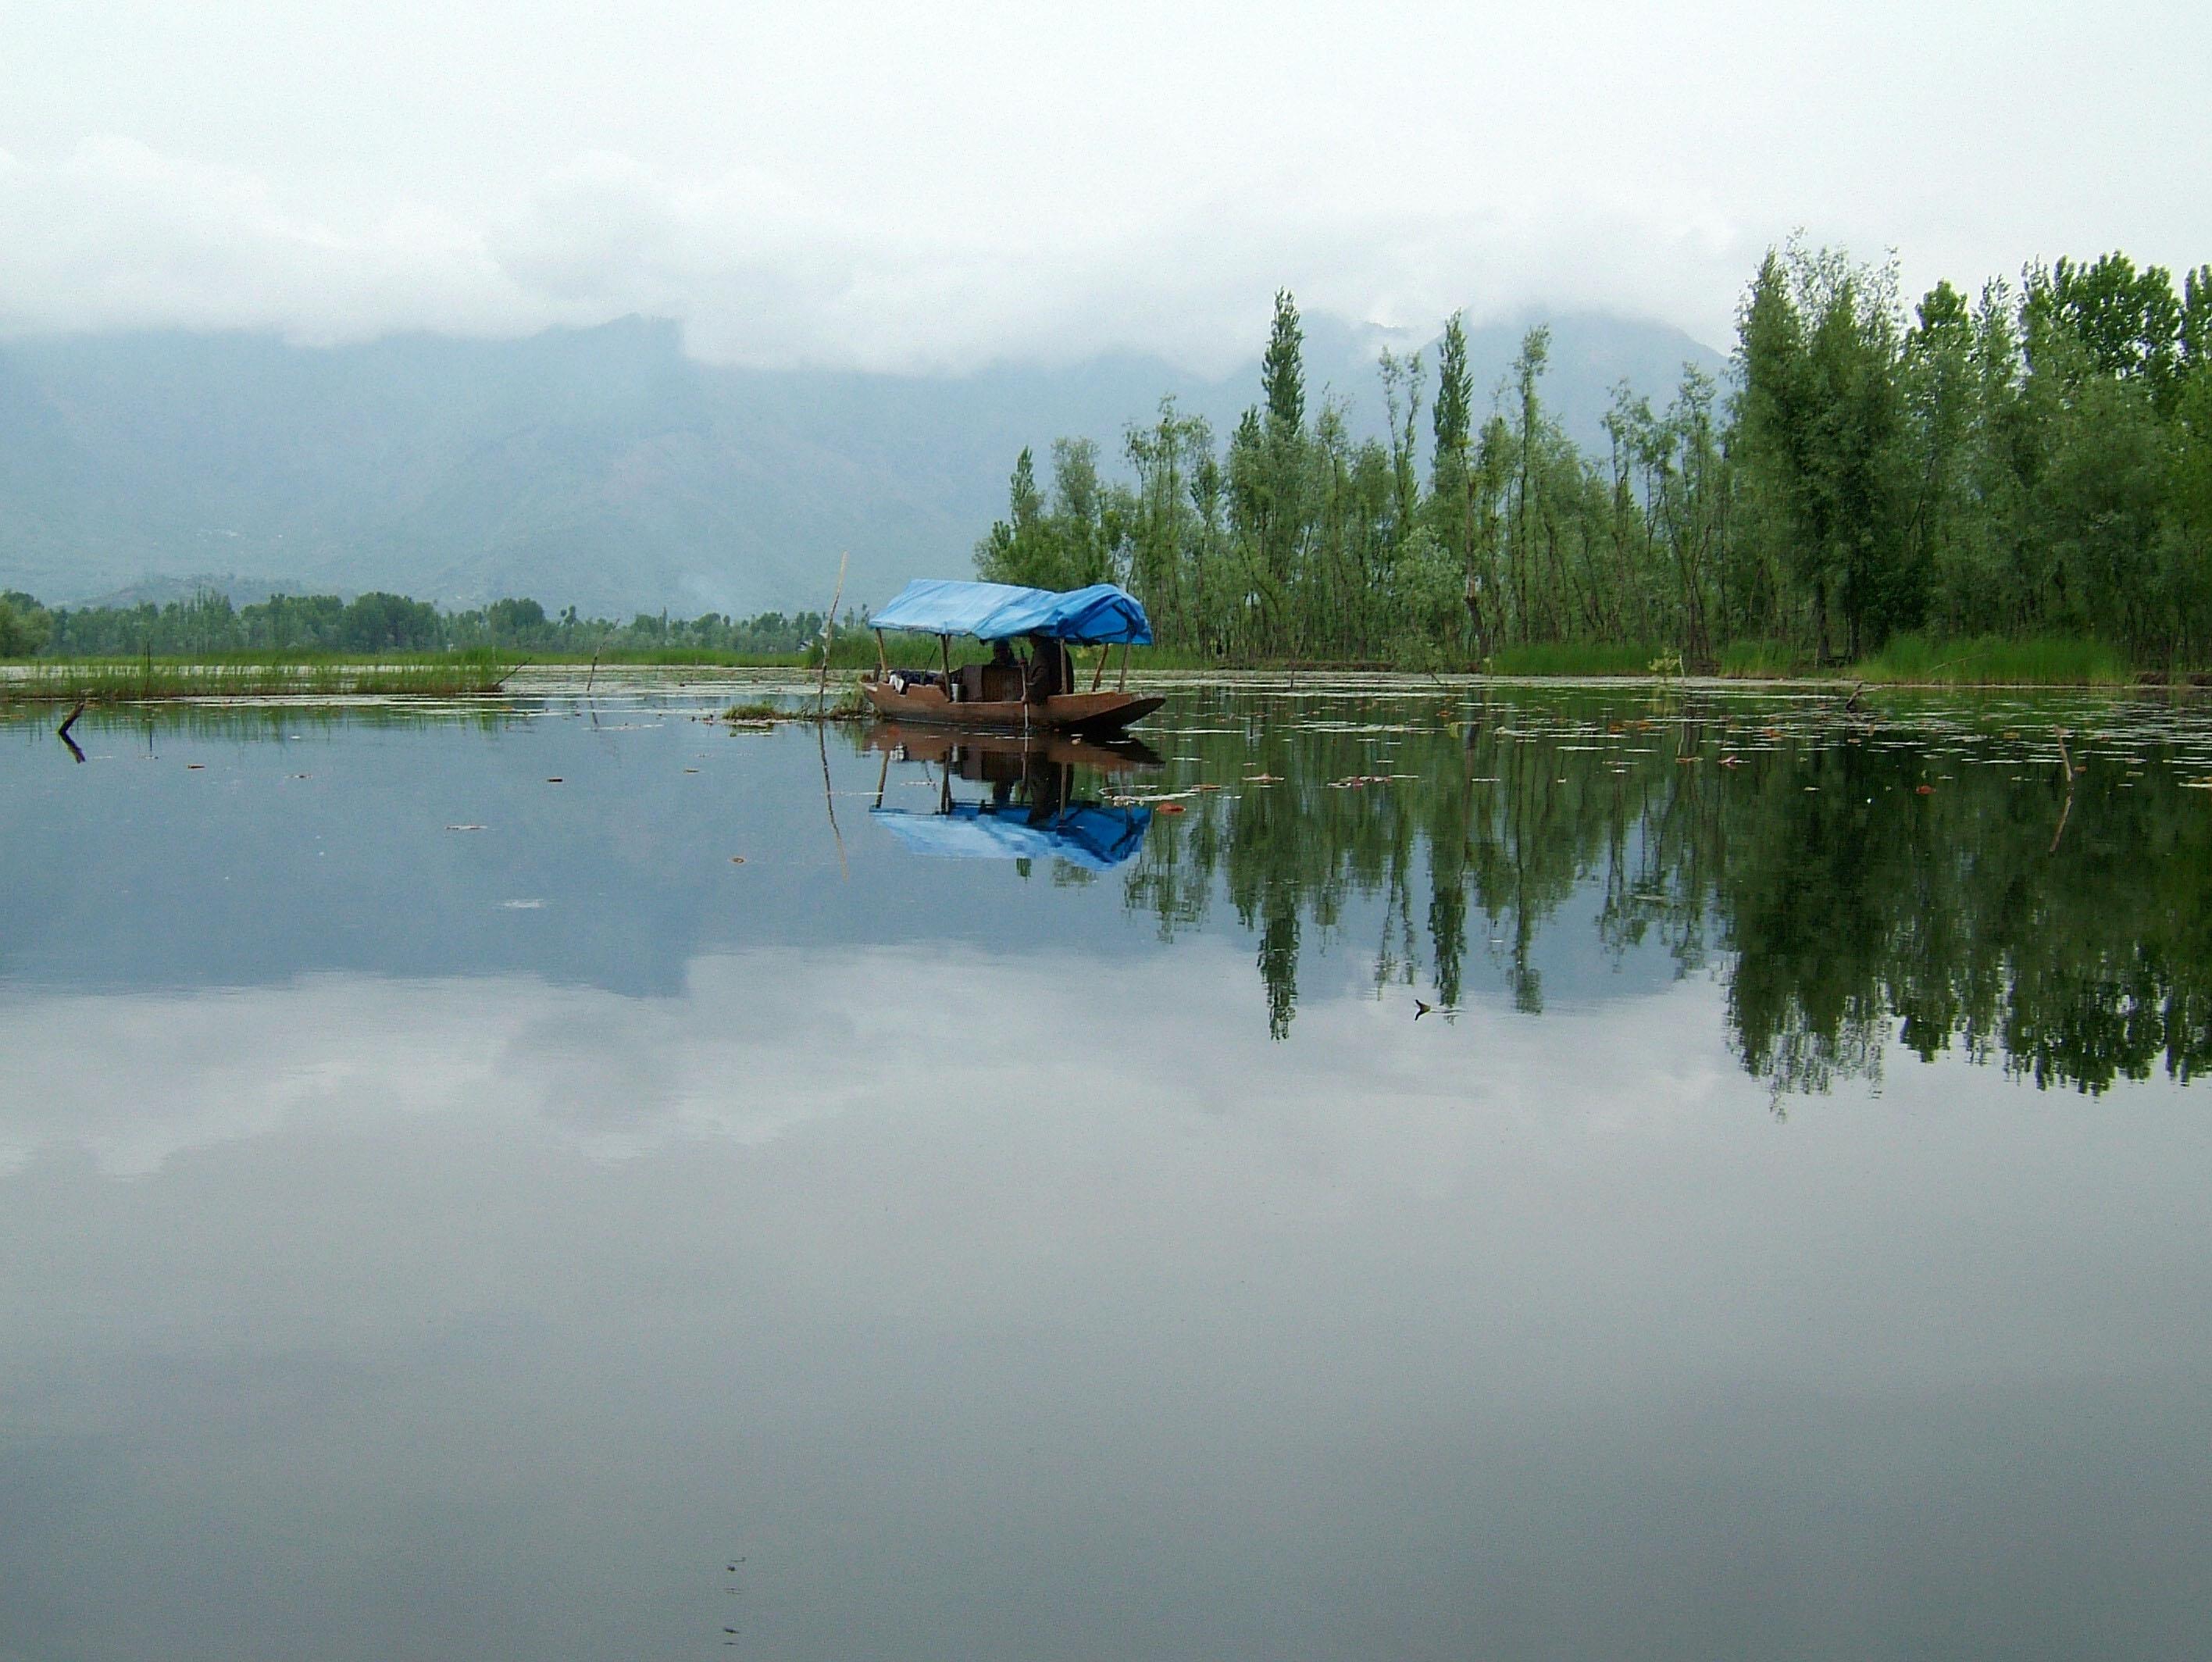 Kashmir Srinagar Shikaras Dal lake India Apr 2004 02